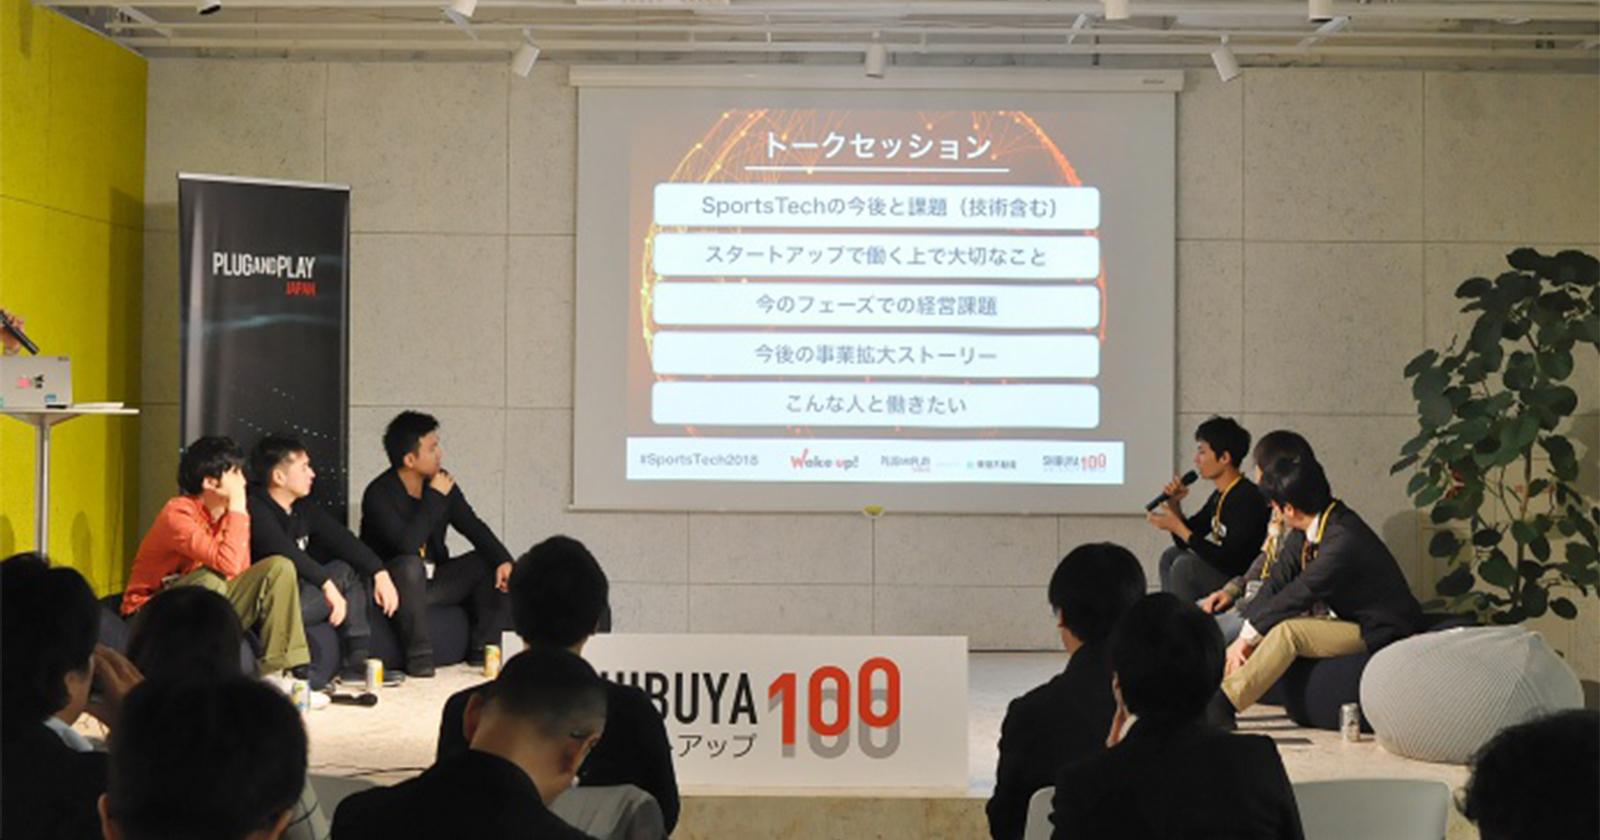 【メディア掲載!】2月28日にfor Startups, Inc.(フォースタ)×東急不動産にて開催したSportsTechイベント@Plug and Play shibuyaが起業サプリジャーナルで記事掲載されました!!